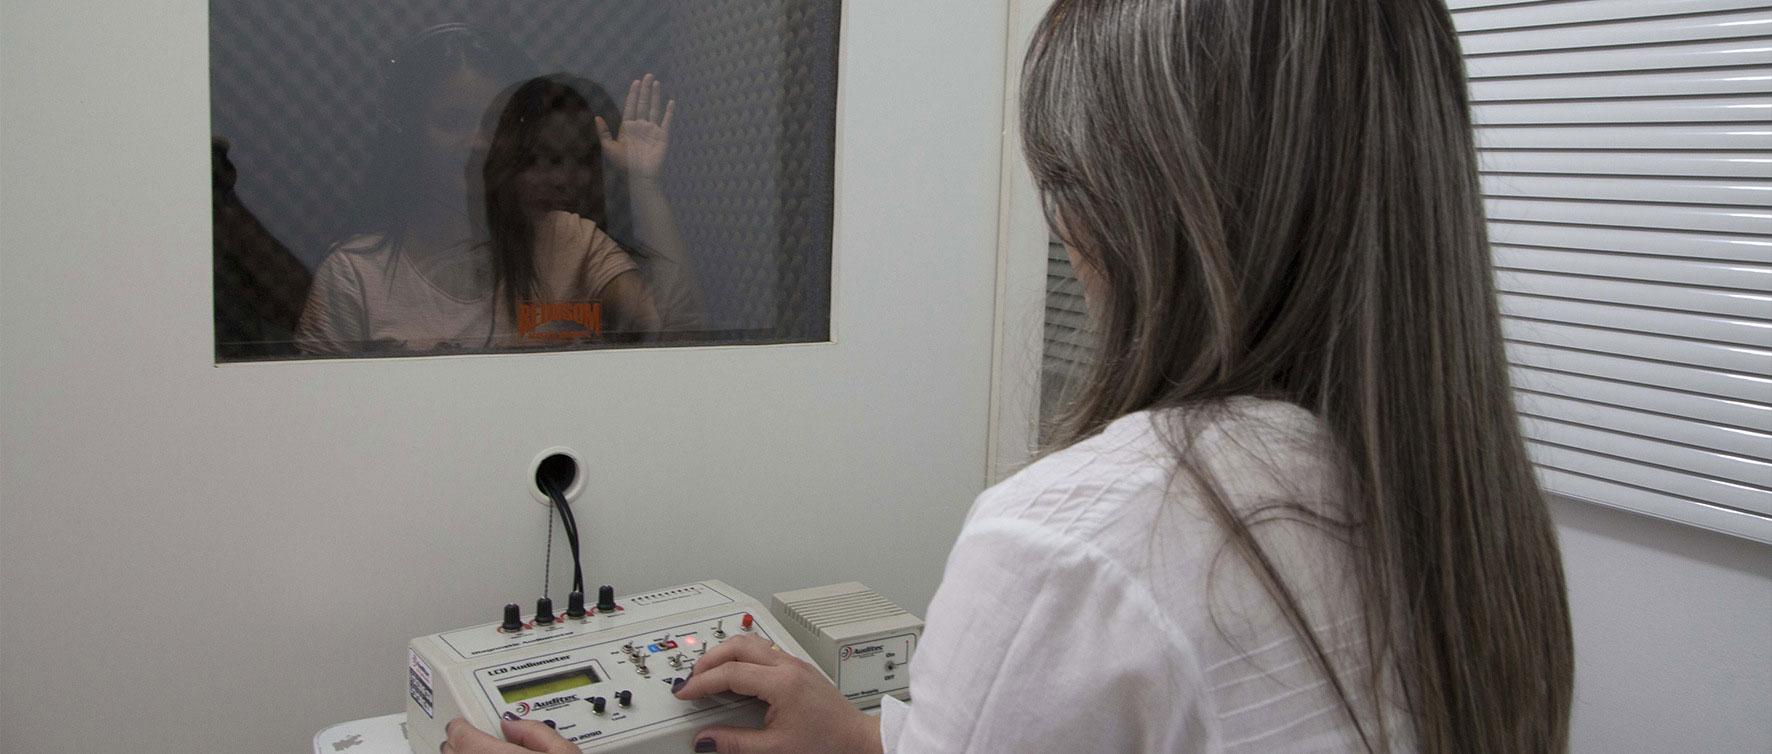 aparelho-auditivo-aparelhos-auditivos